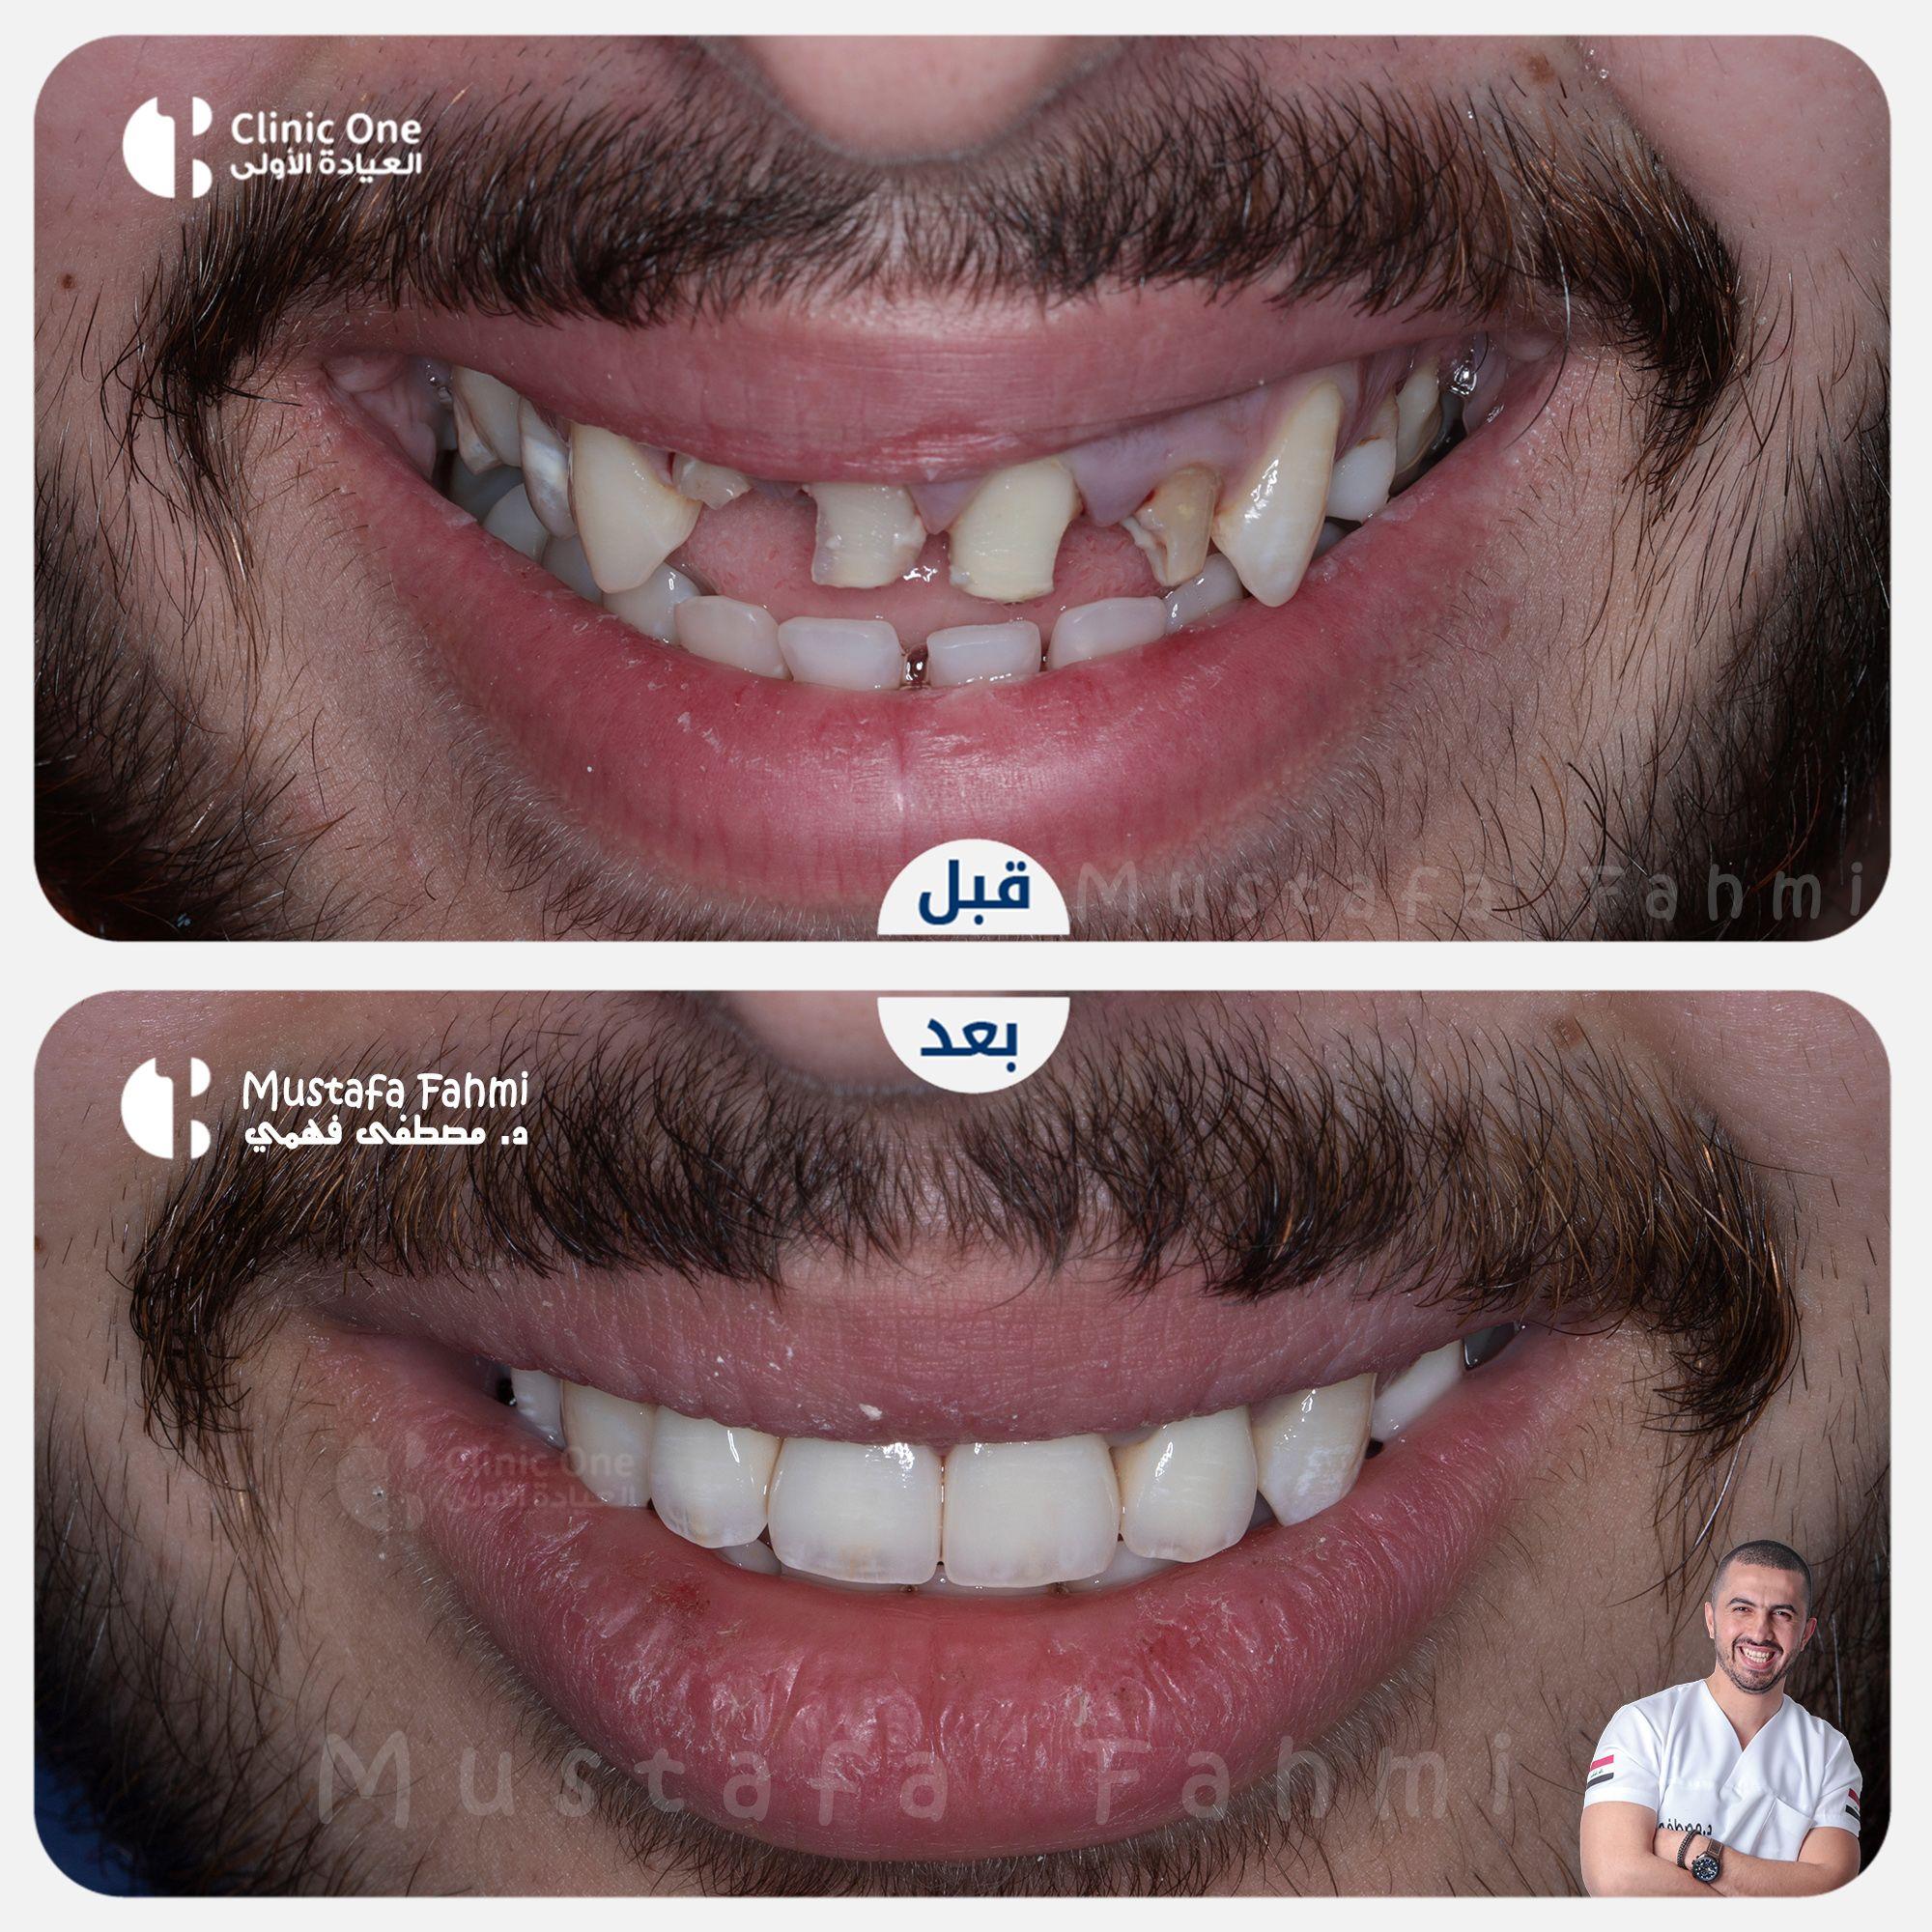 ابتسامة المشاهير Clinic